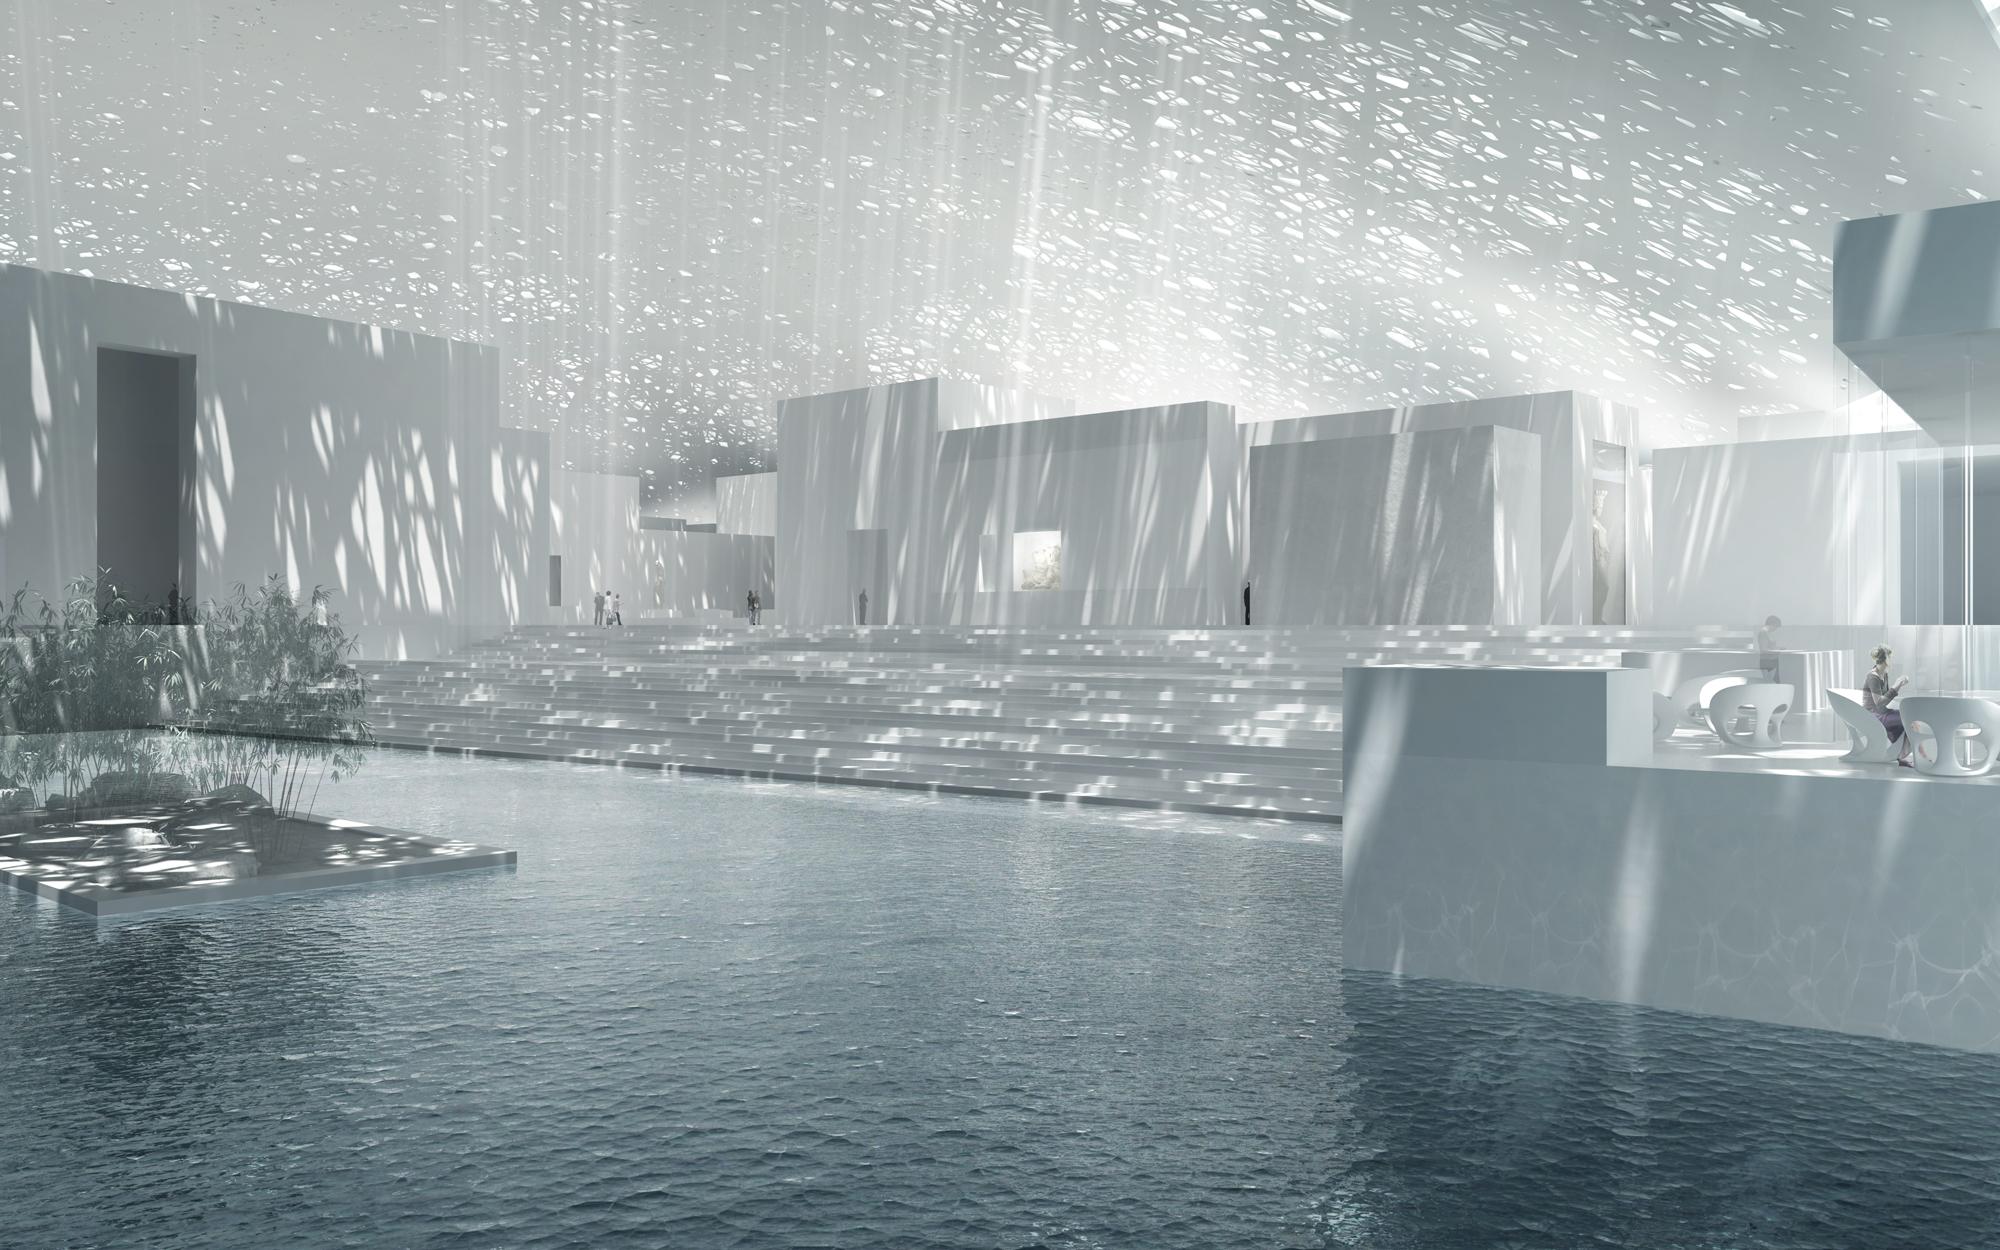 Так выглядит внутреннее пространство музея. Источник https://www.detail-online.com/